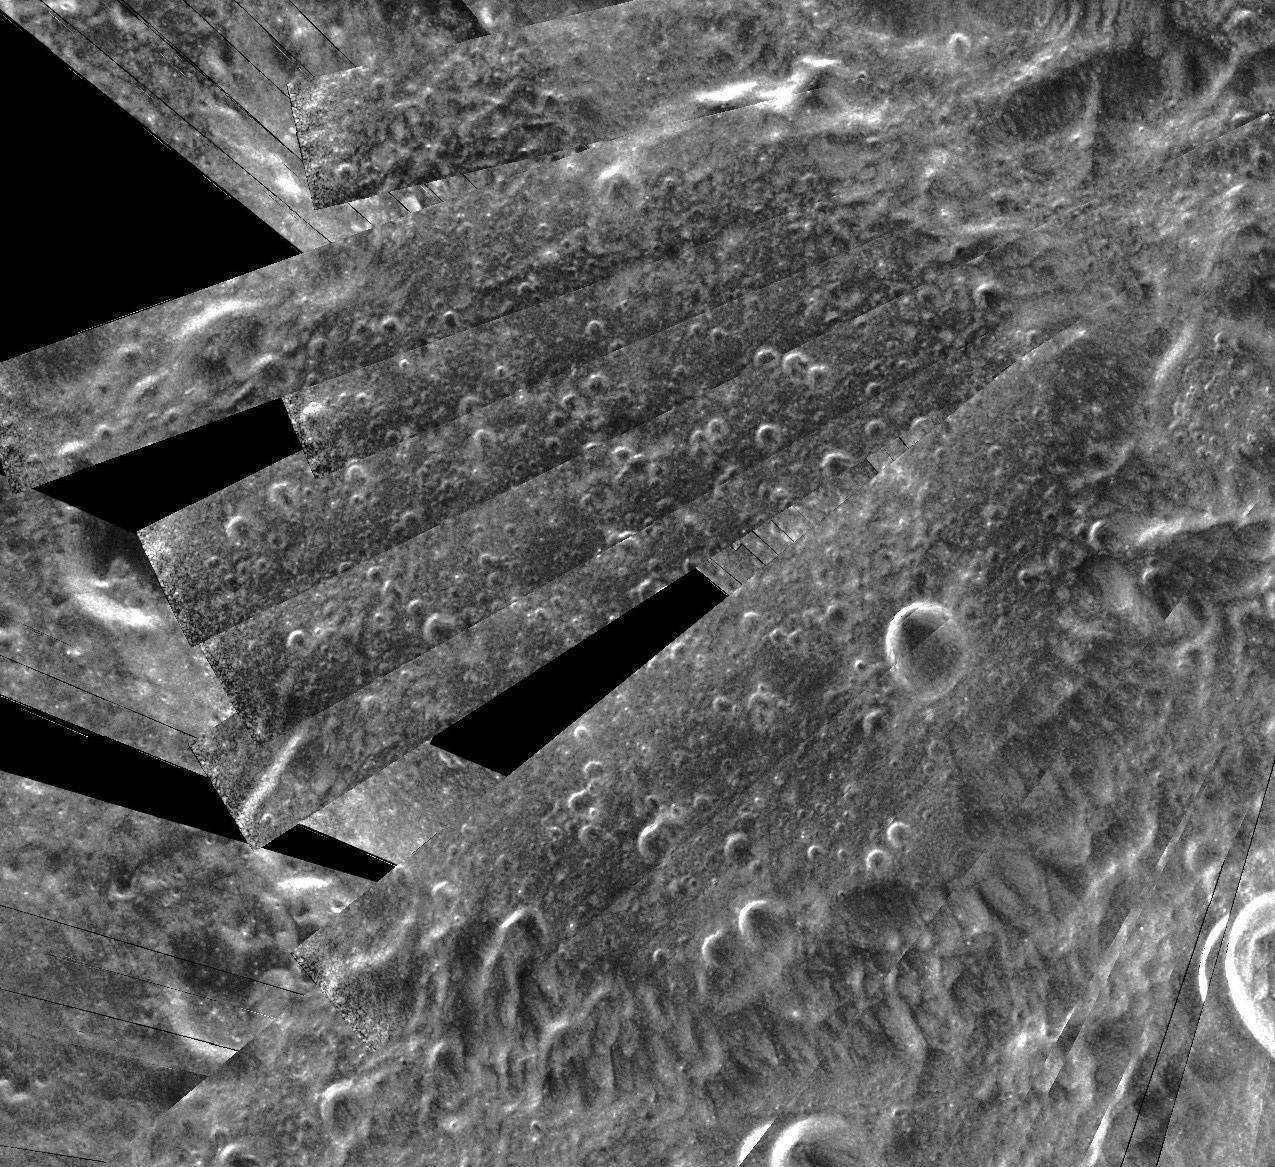 ancient spacecraft on moon clementine satellite - photo #16